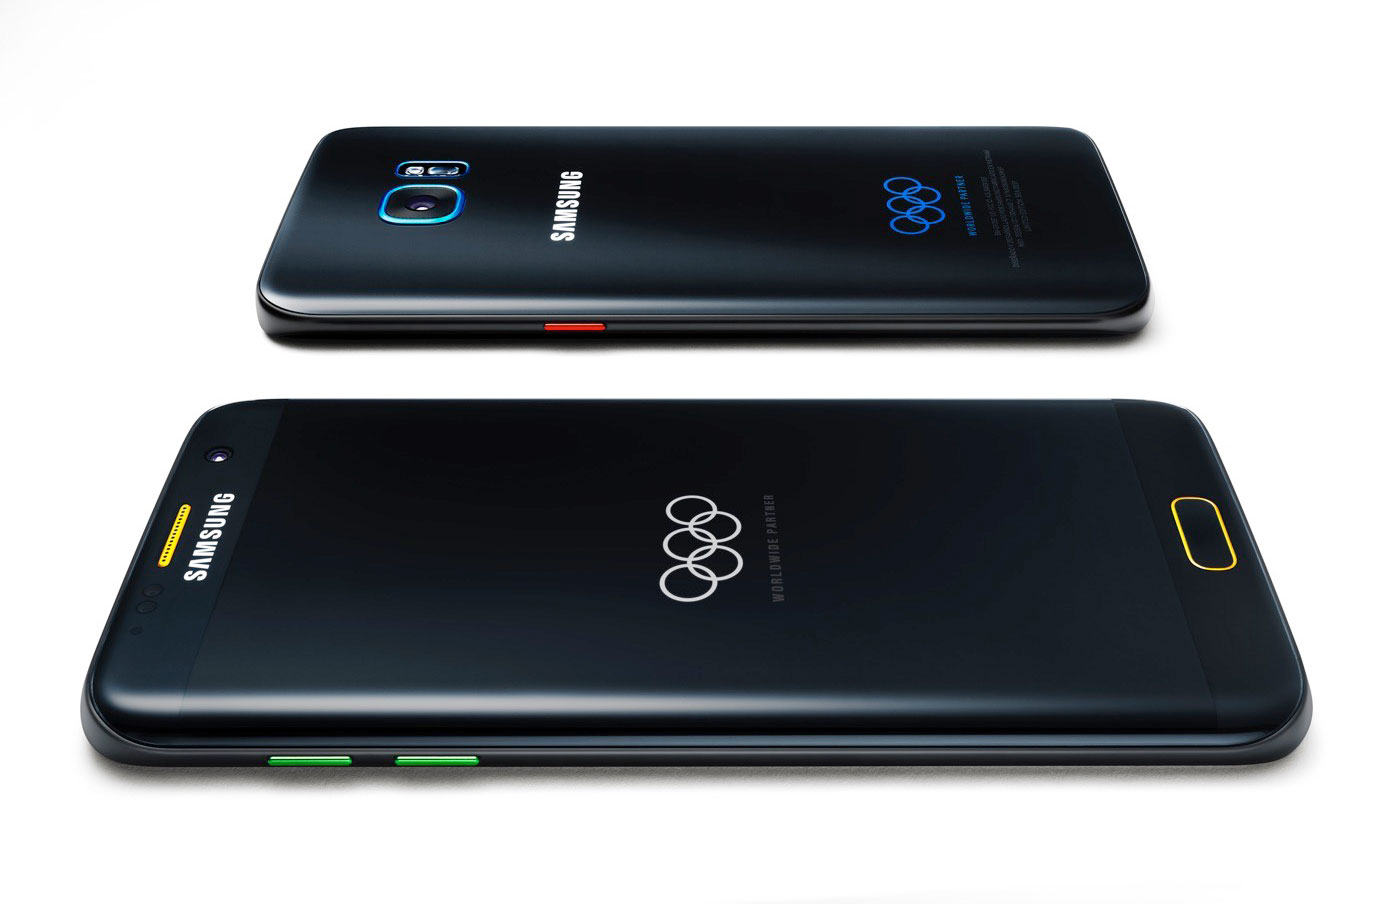 五彩加身!三星推出奥运限量版 Galaxy S7 Edge